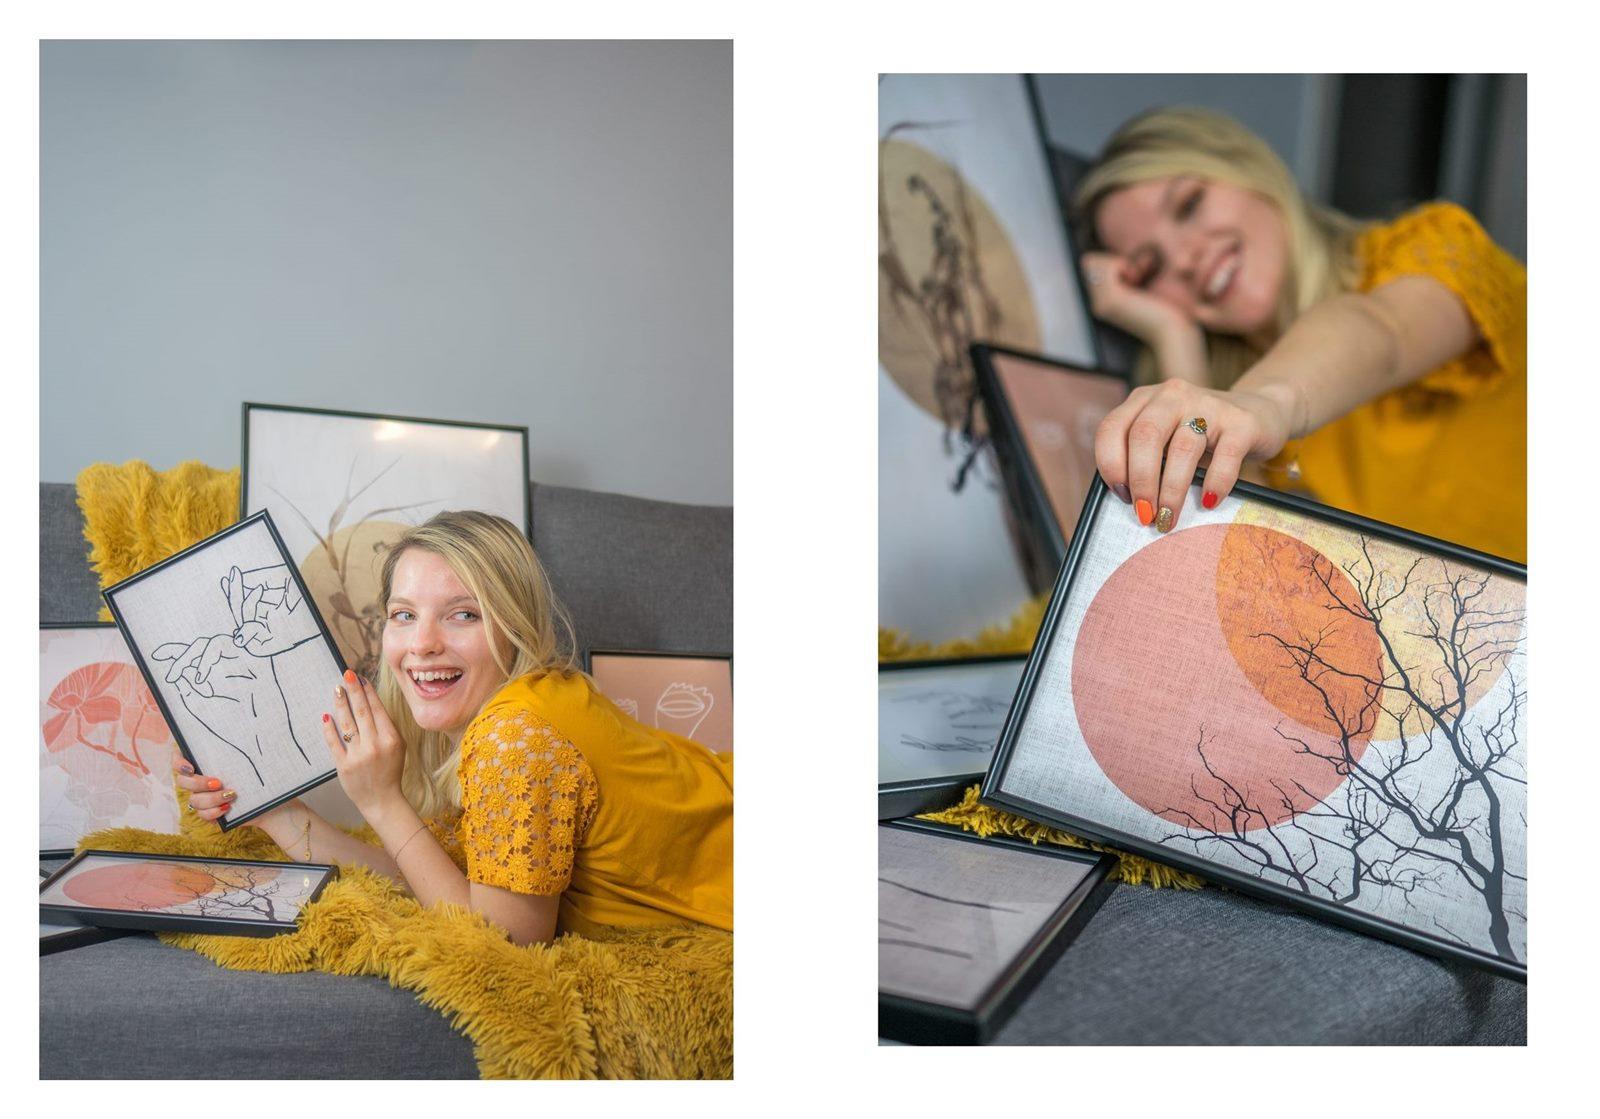 Zobacz jak urządzić salon i mieszkanie! Stylowe dekoracje na ścianę modne plakaty w ramie obrazy na płótnie galeria obrazów do salonu plakaty w stylu skandynawskim duży wybór plakatów do kuchni salonu sypialni i biura!